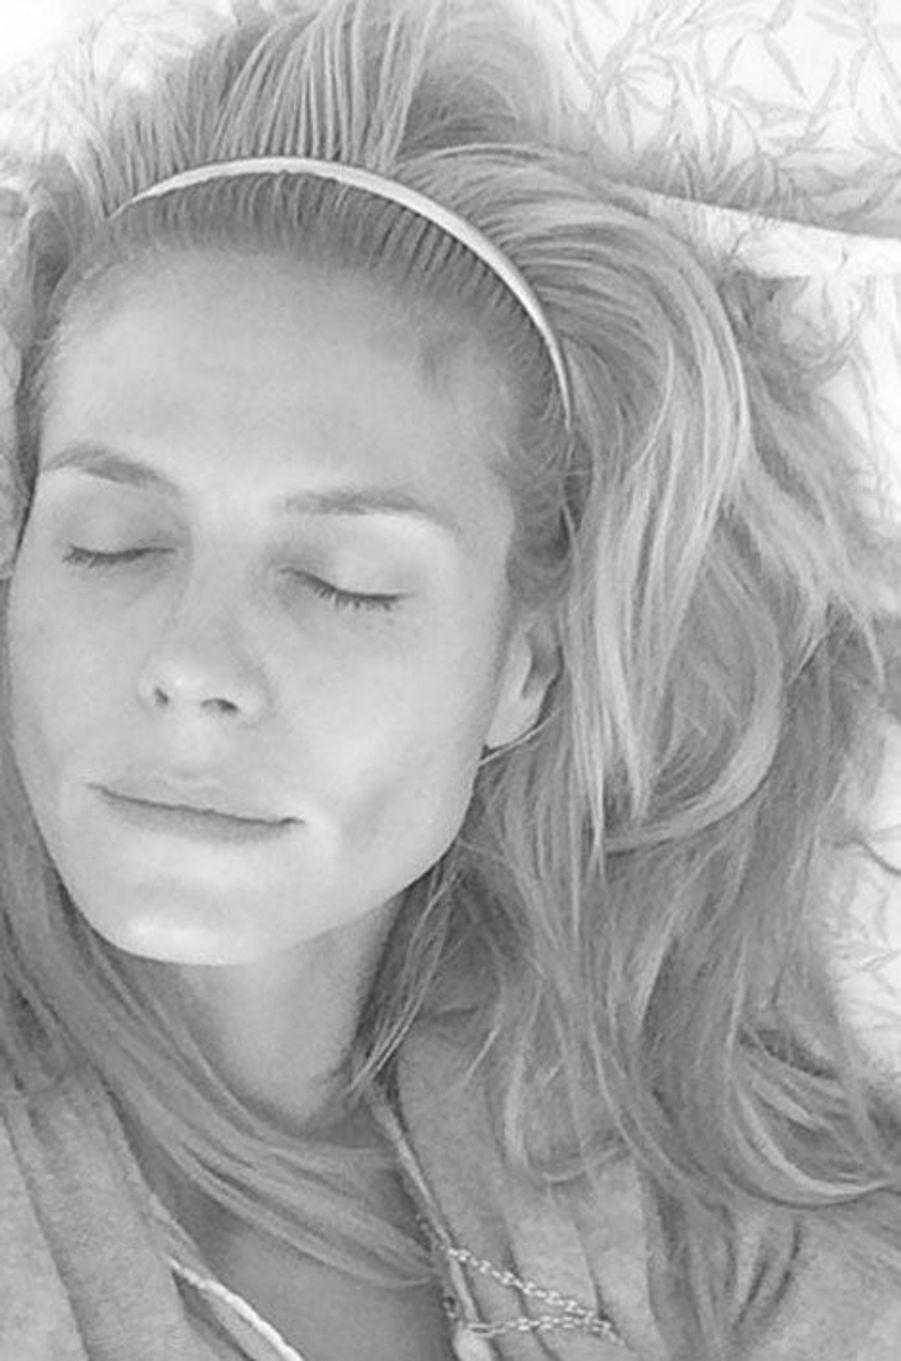 Heidi Klum au naturel